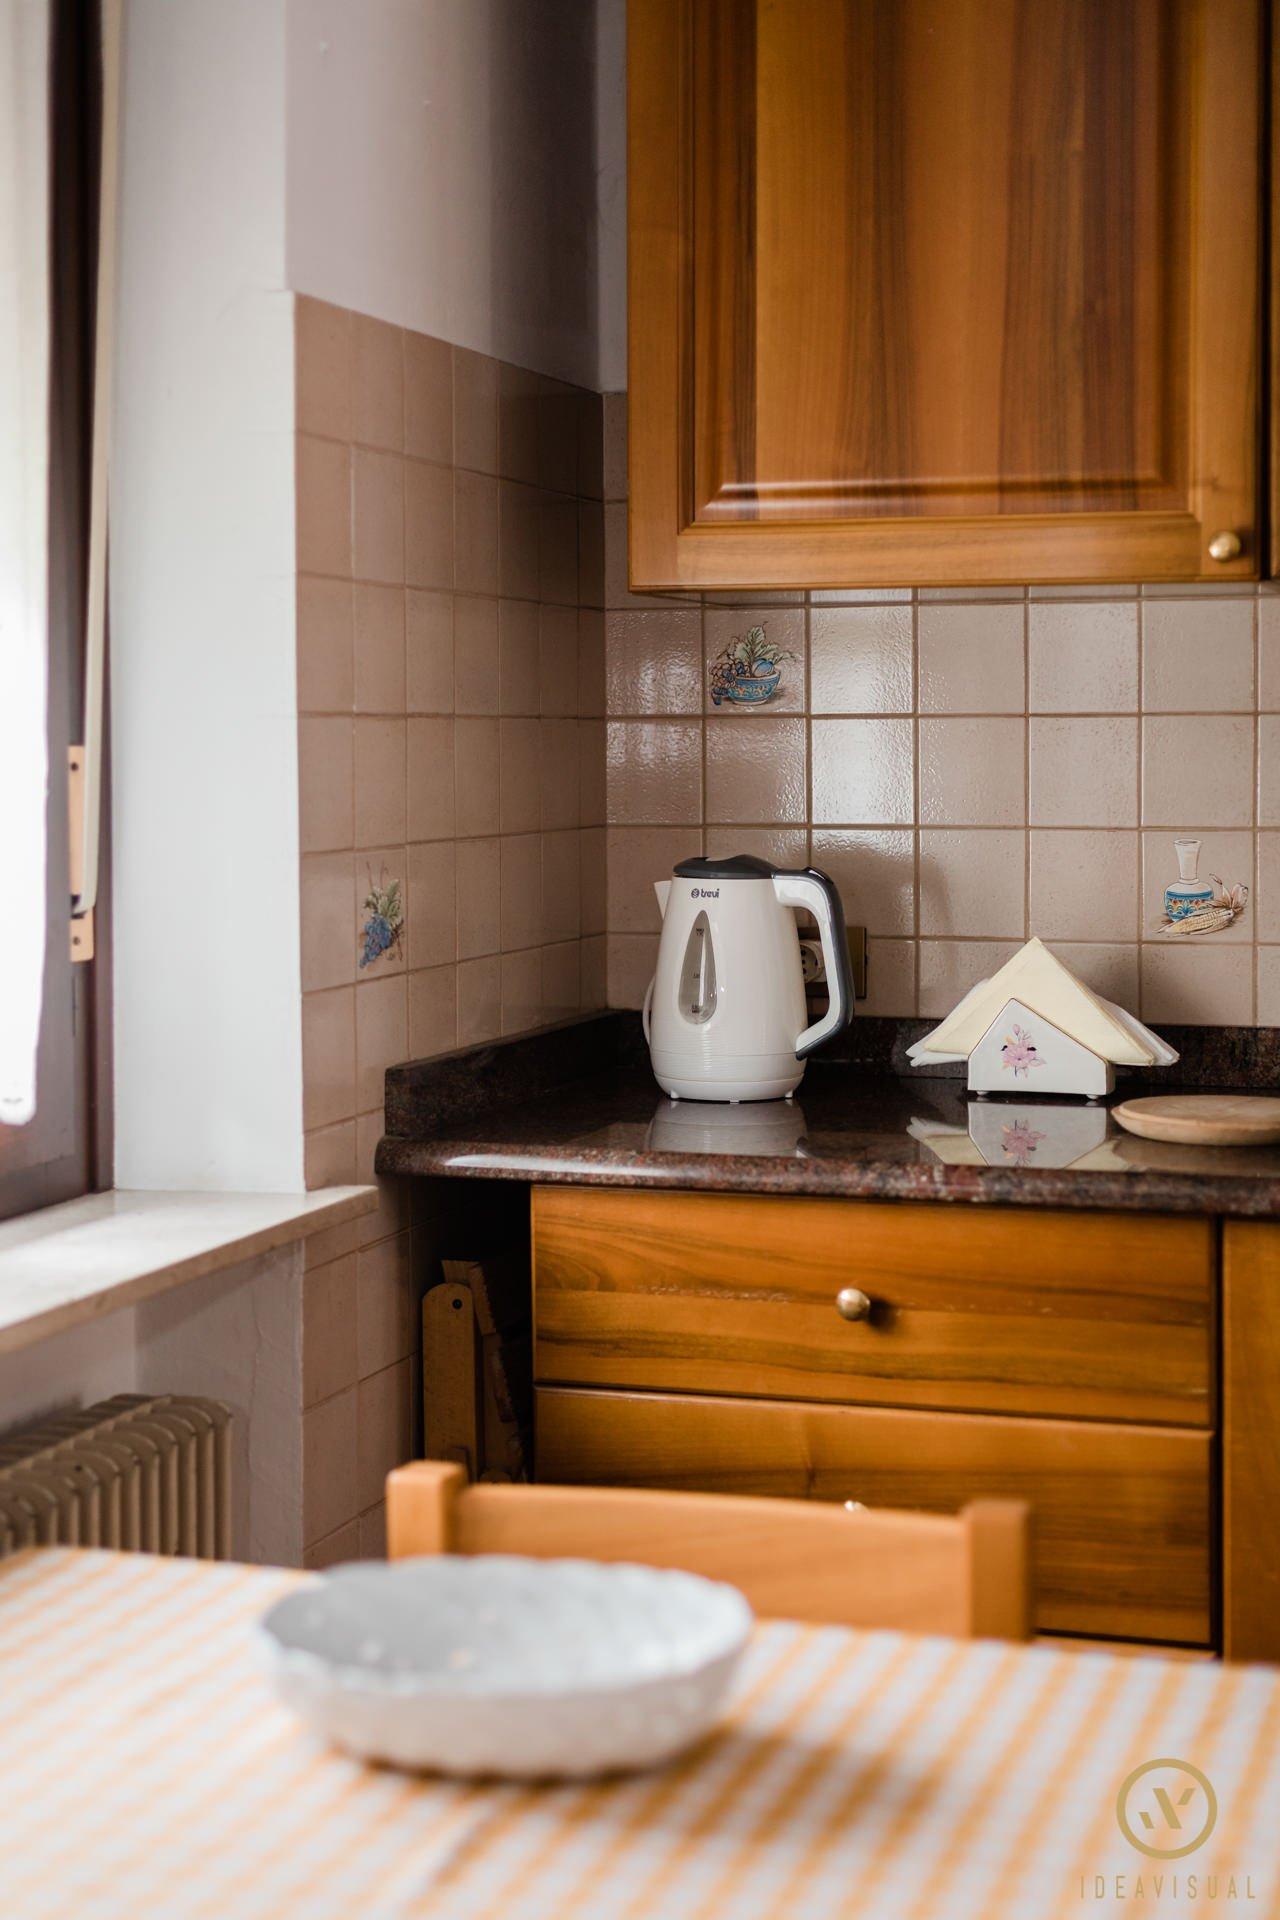 Servizio fotografico per airbnb